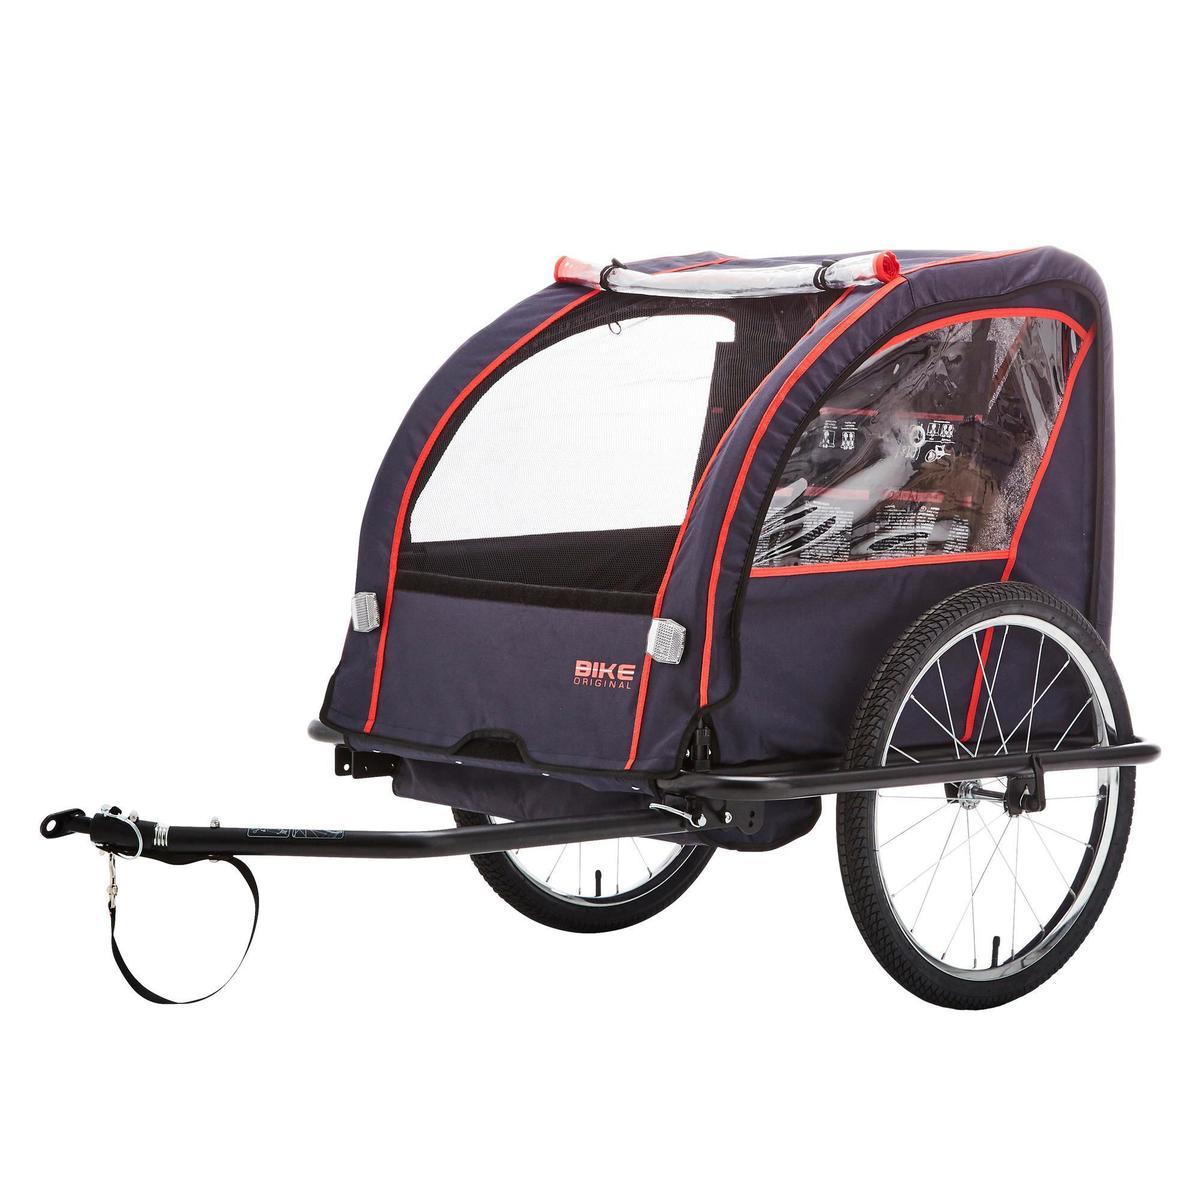 Bild 2 von Kinder-Fahrradanhänger 100 Stahlgestell indigoblau